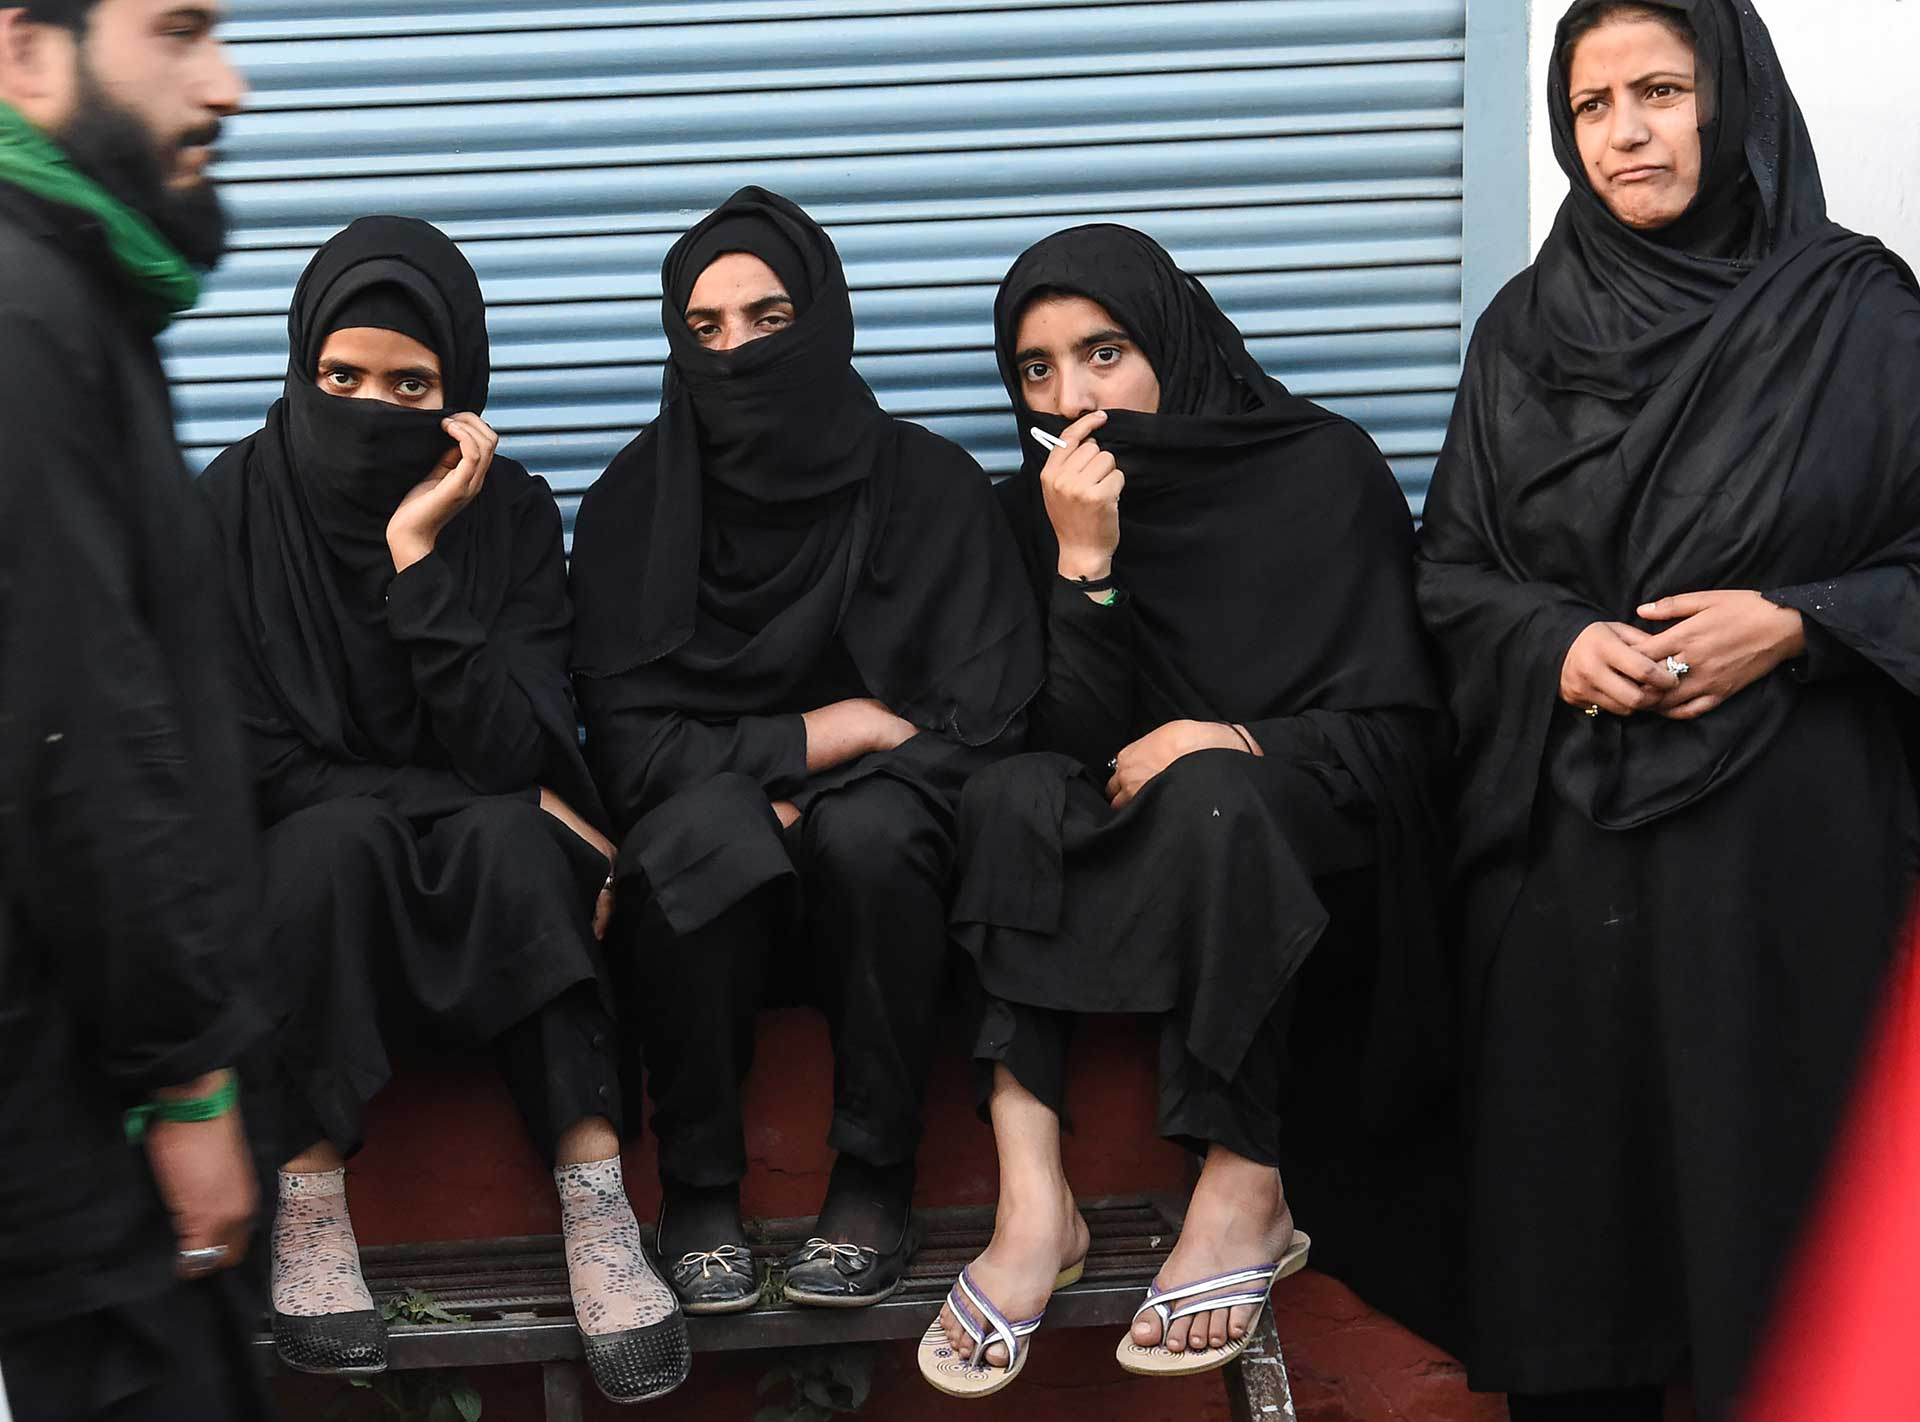 Un grupo de mujeres observa cómo los hombres se azotan a sí en Pakistán (AFP)